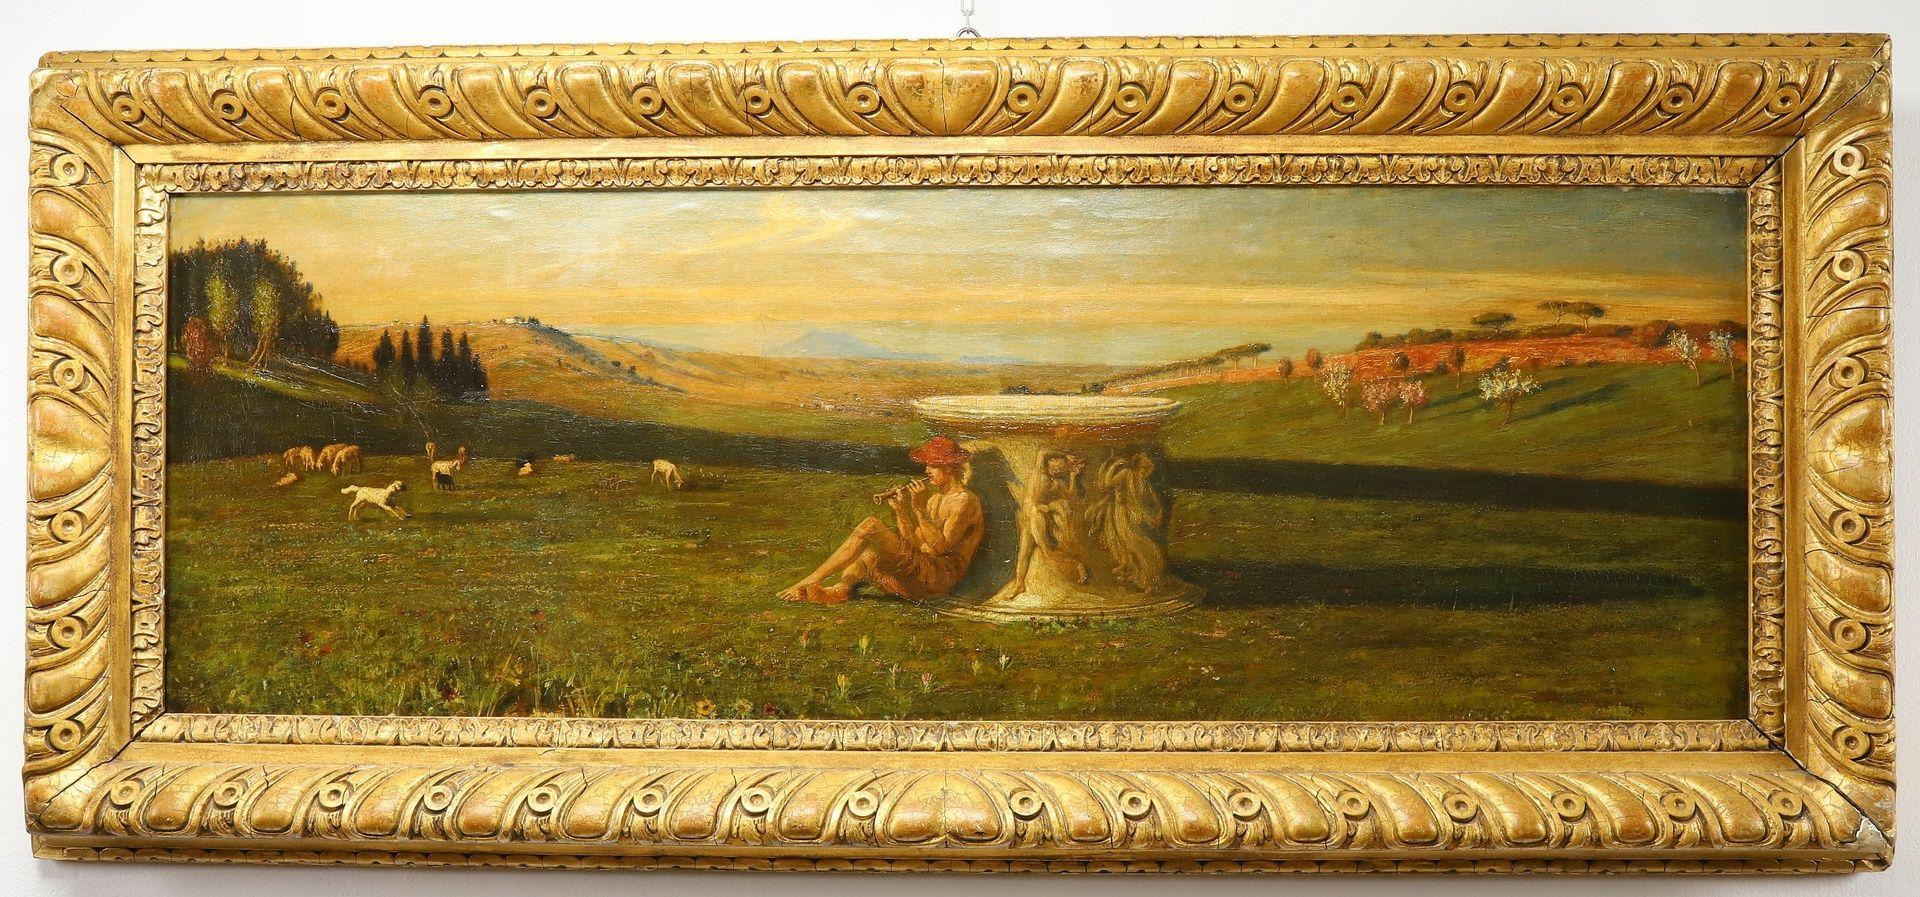 Englischer Monogrammist, Flöte spielender Hirte in arkadischer Landschaft - Bild 2 aus 5